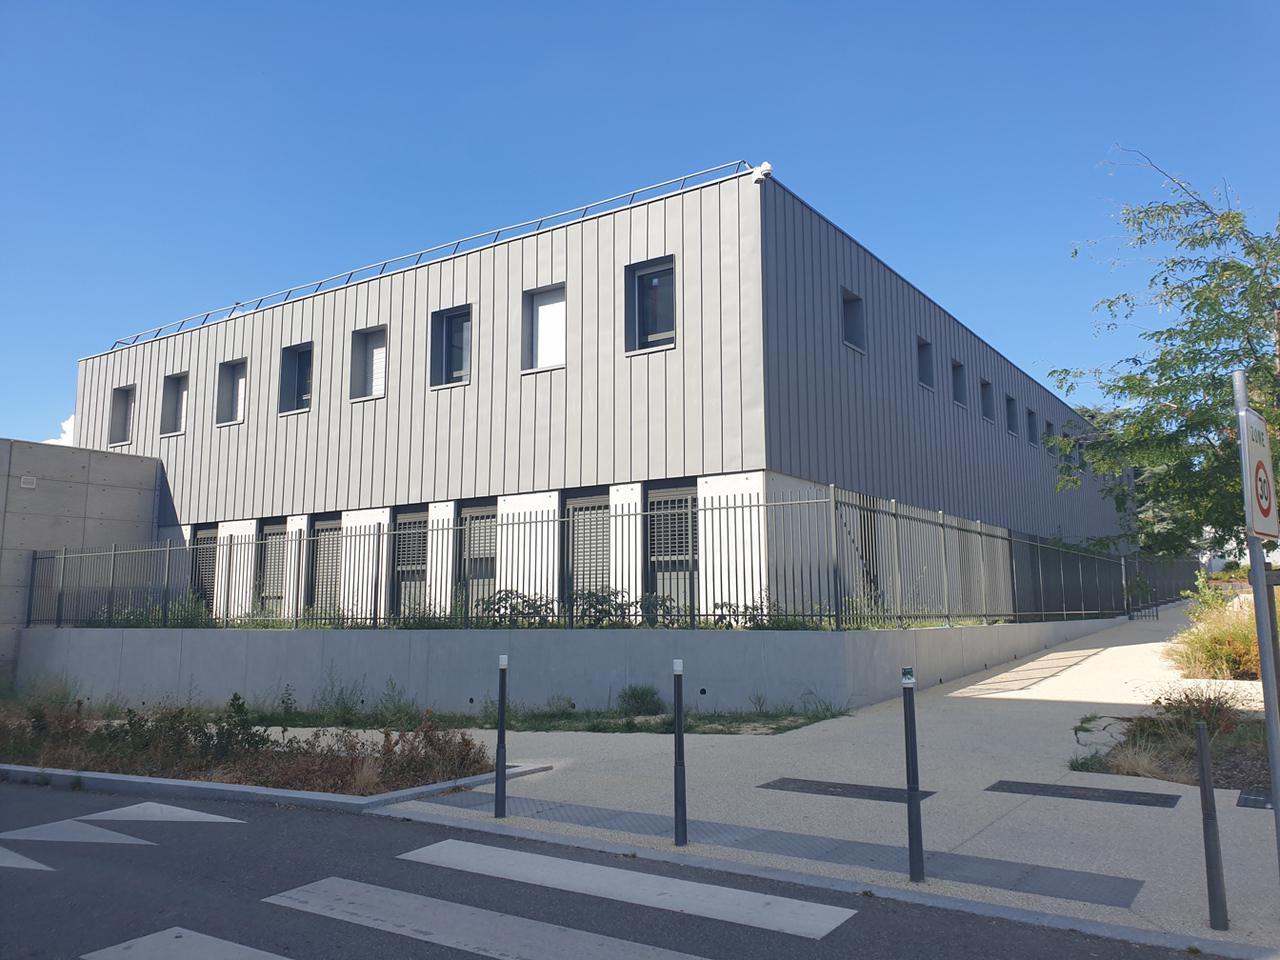 Mission Locale de Vénissieux - Maison des services publics de Vénissy